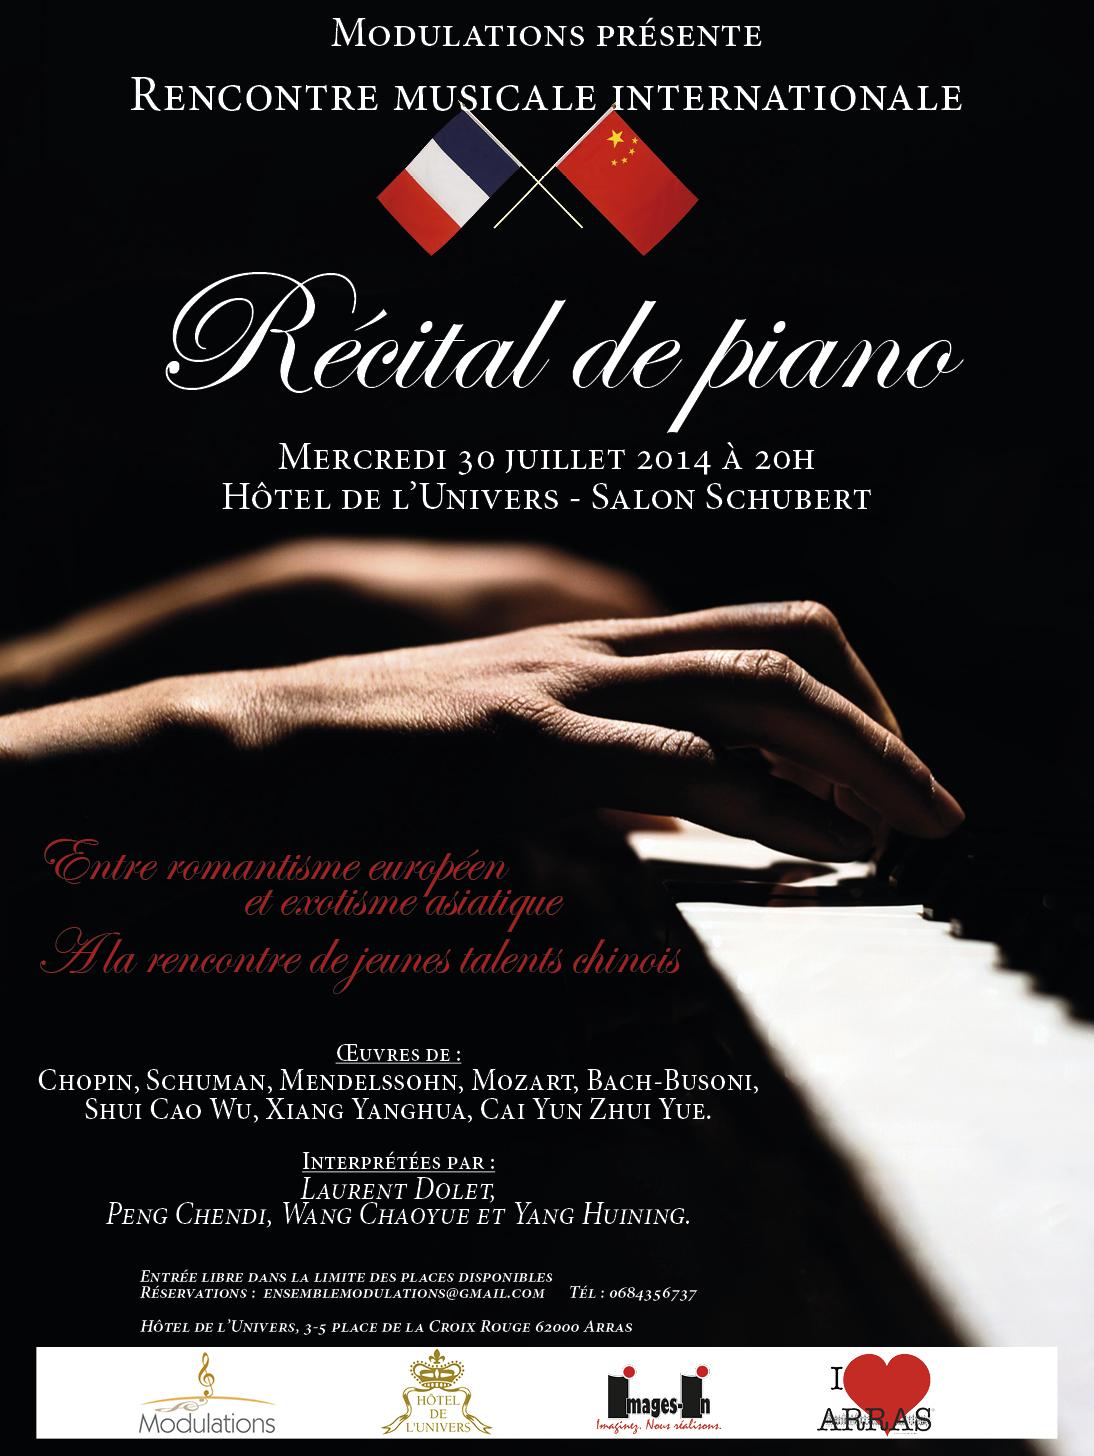 Affiche recital piano 30 juillet.jpg